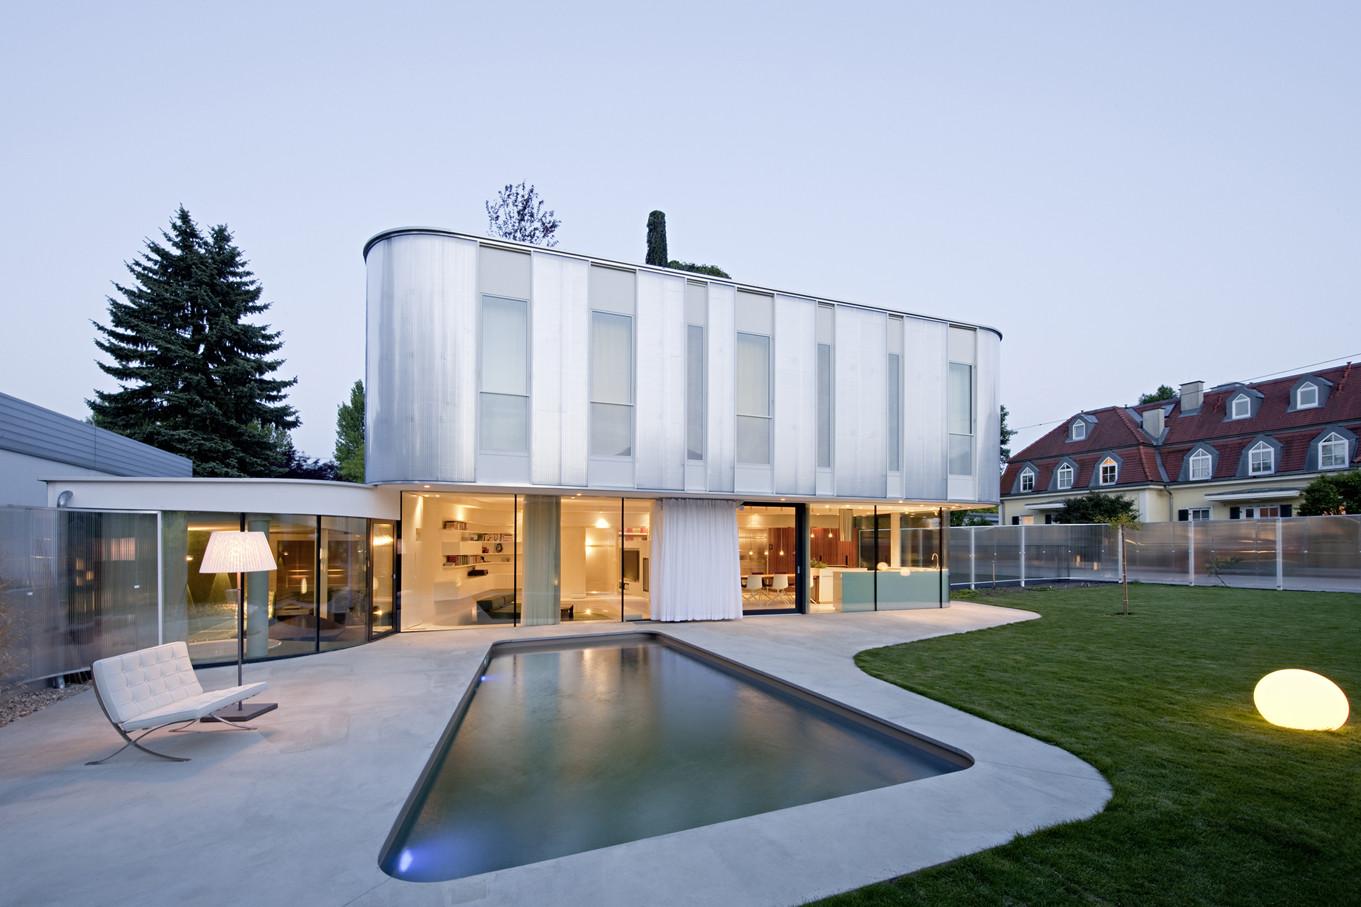 Wohnzimmer House / Caramel Architekten, © Hertha Hurnaus